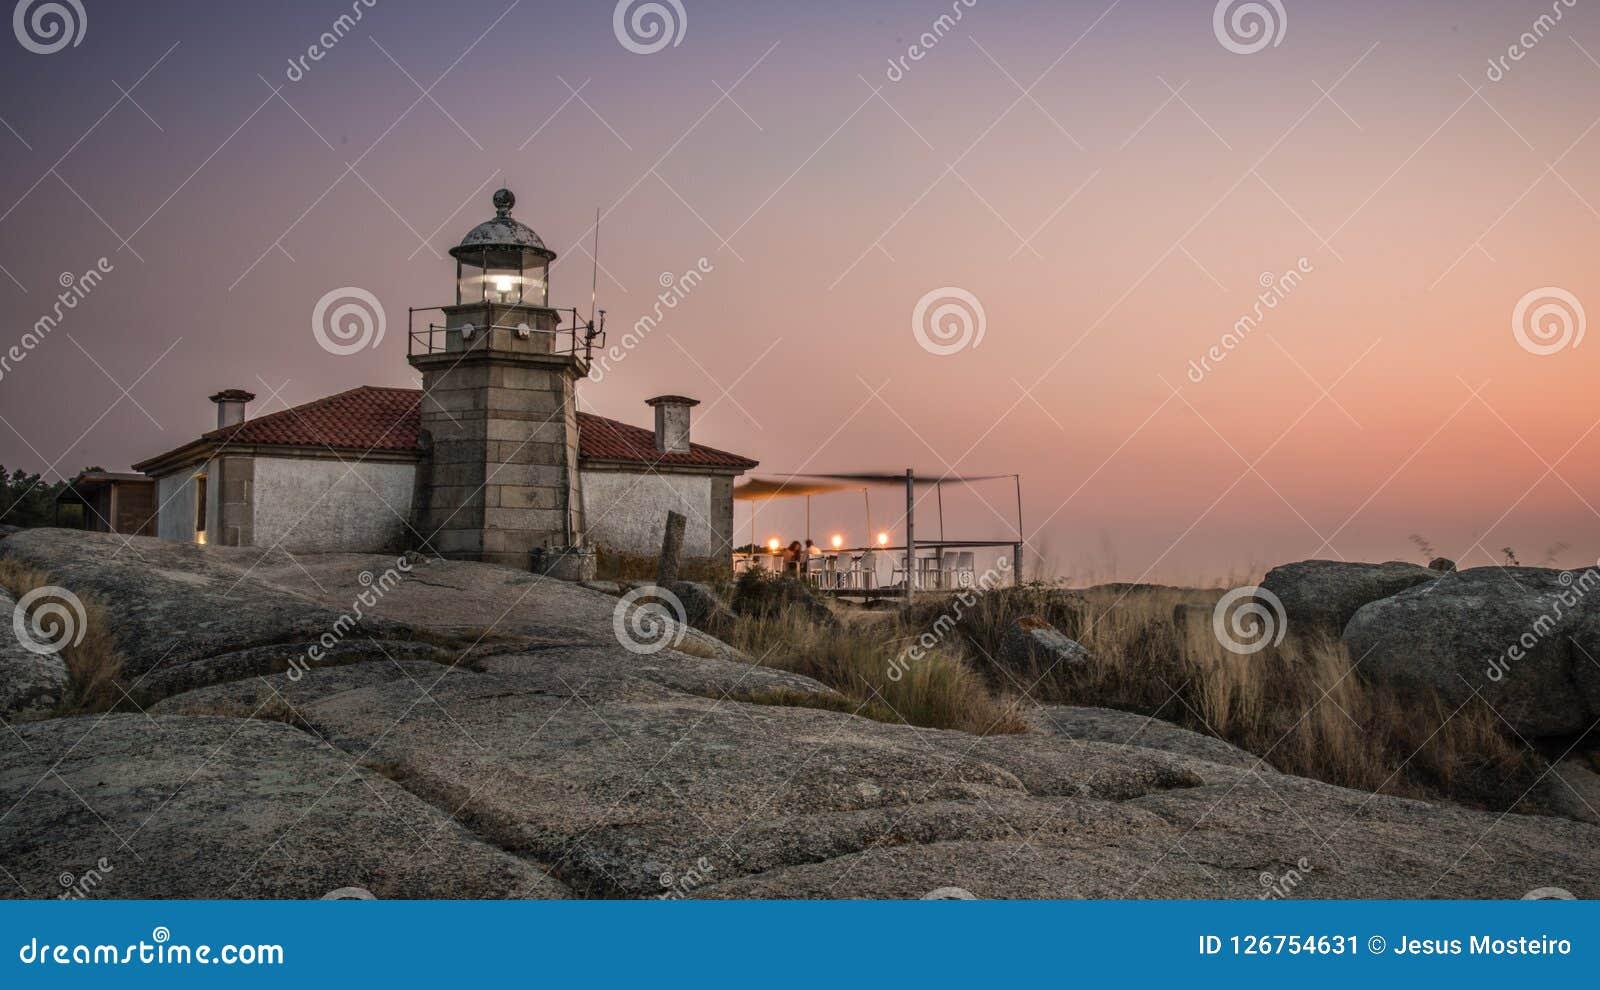 Illuminated lighthouse over the sea and the coast of Galicia